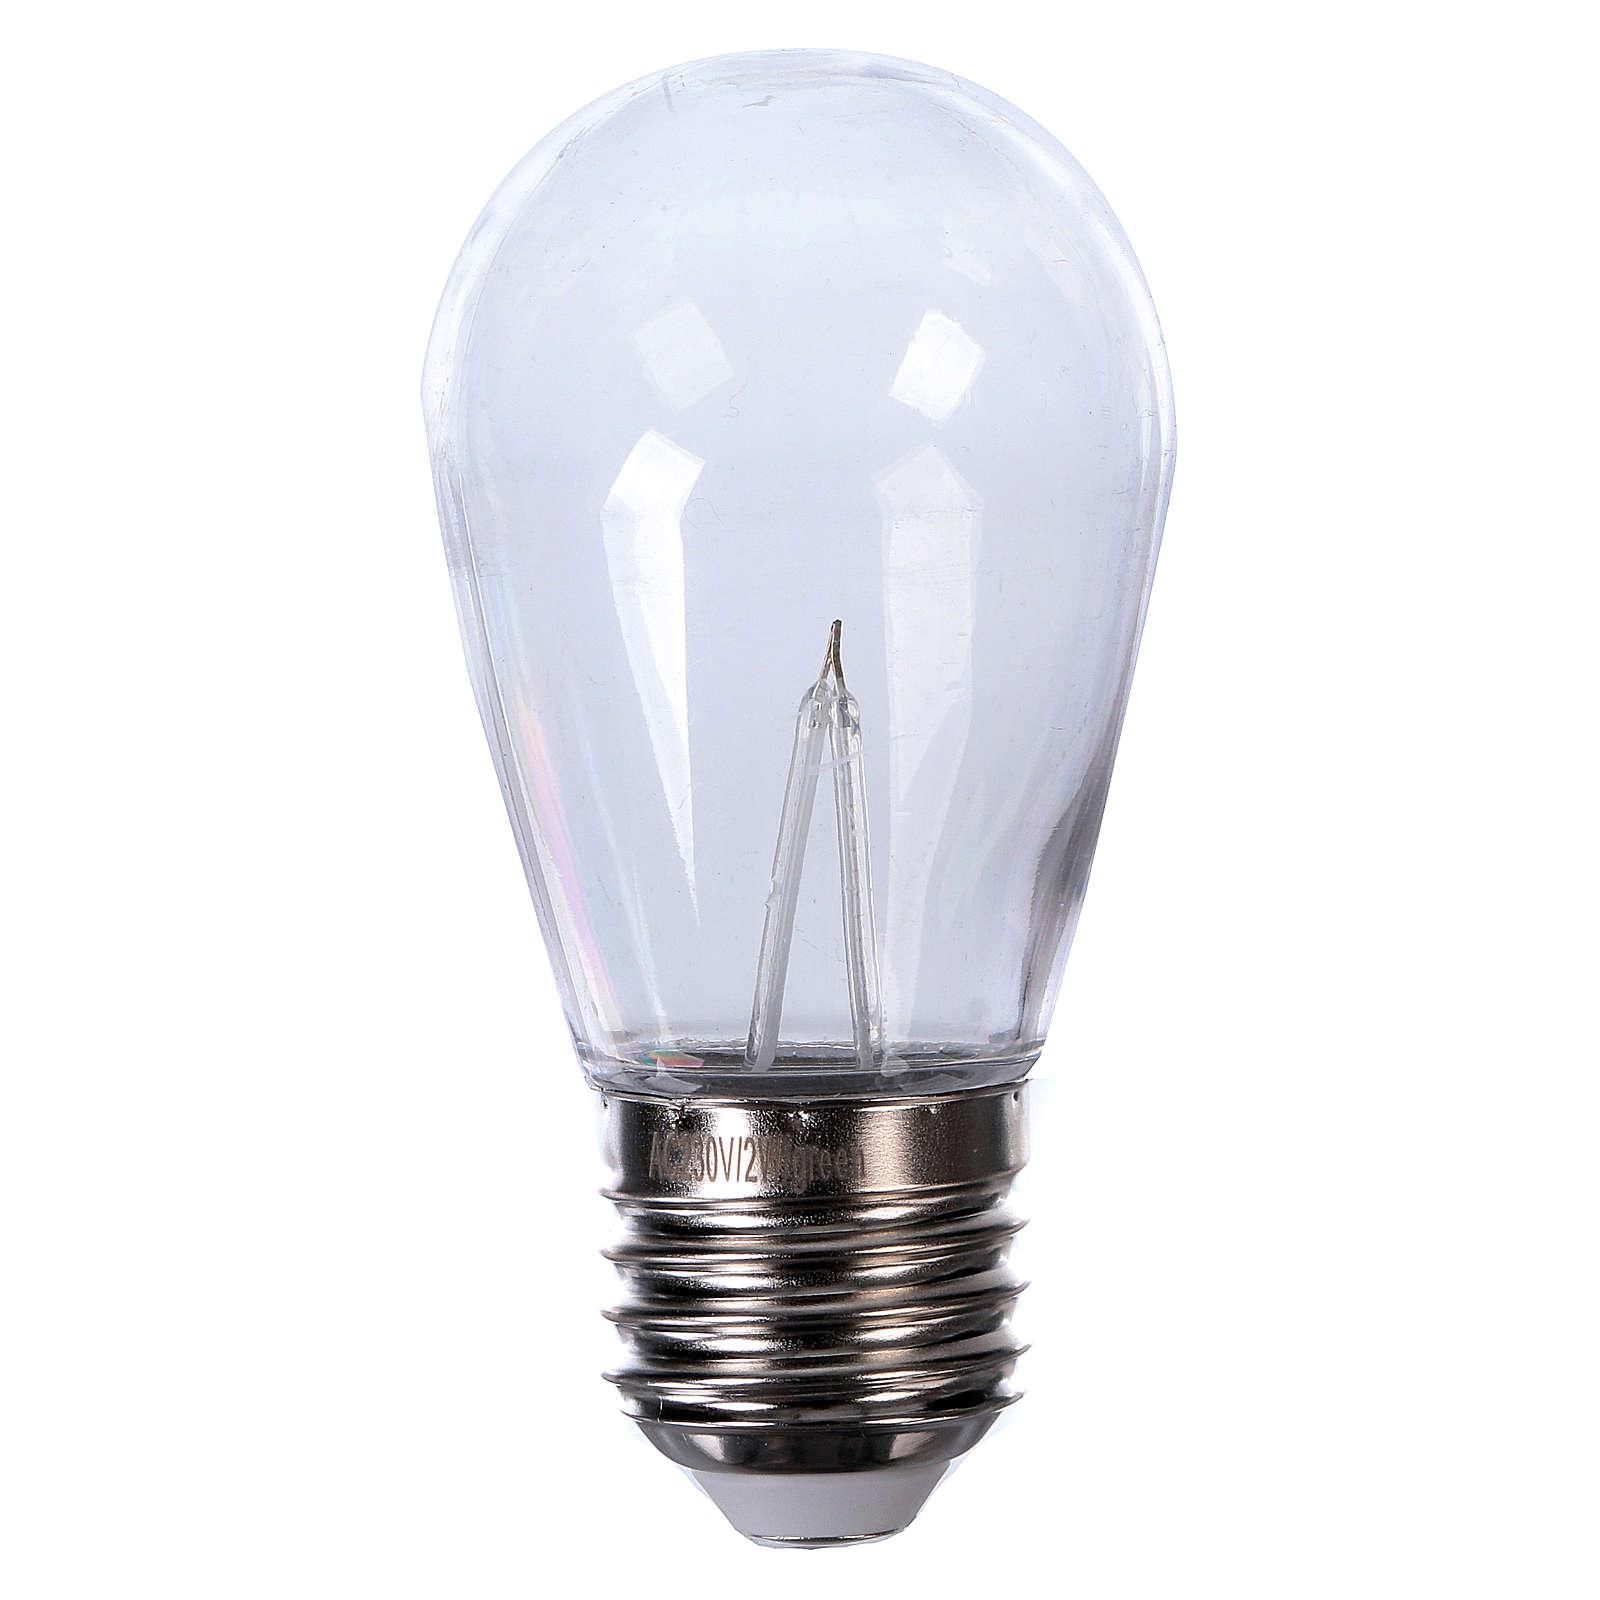 Ampoule goutte verte E27 pour chaîne avec soquets 3